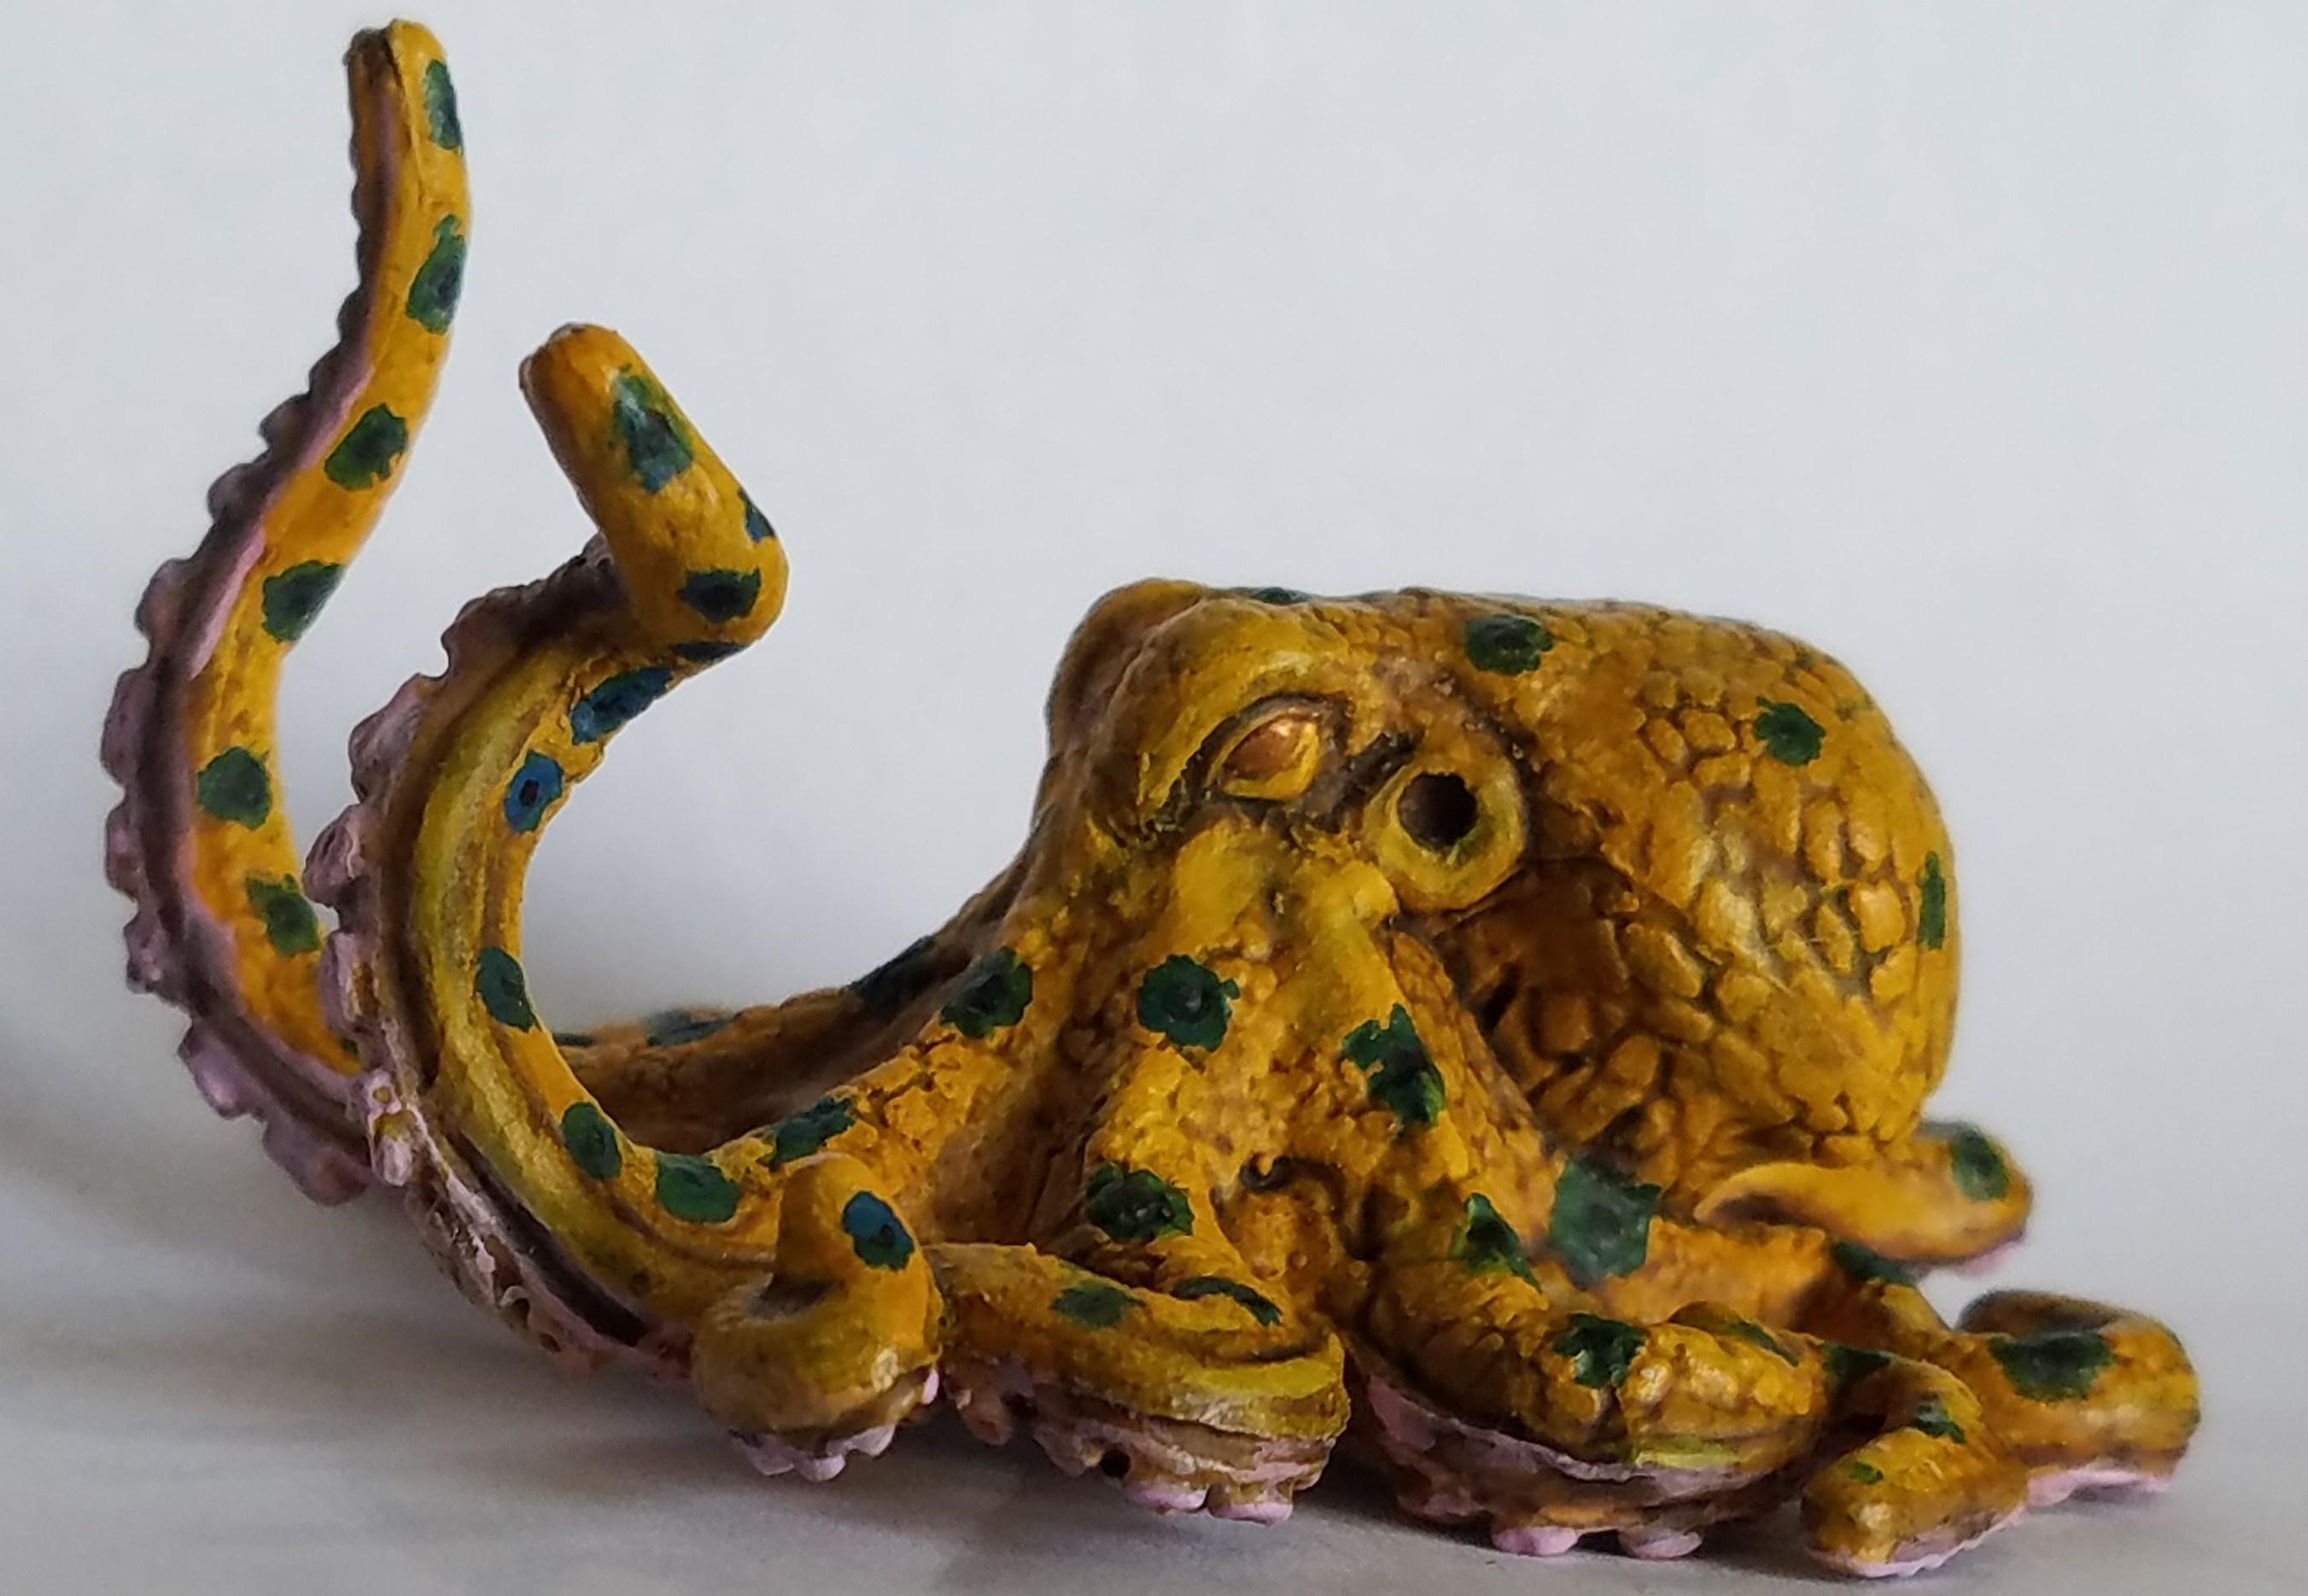 D&D Octopus miniature painted eye